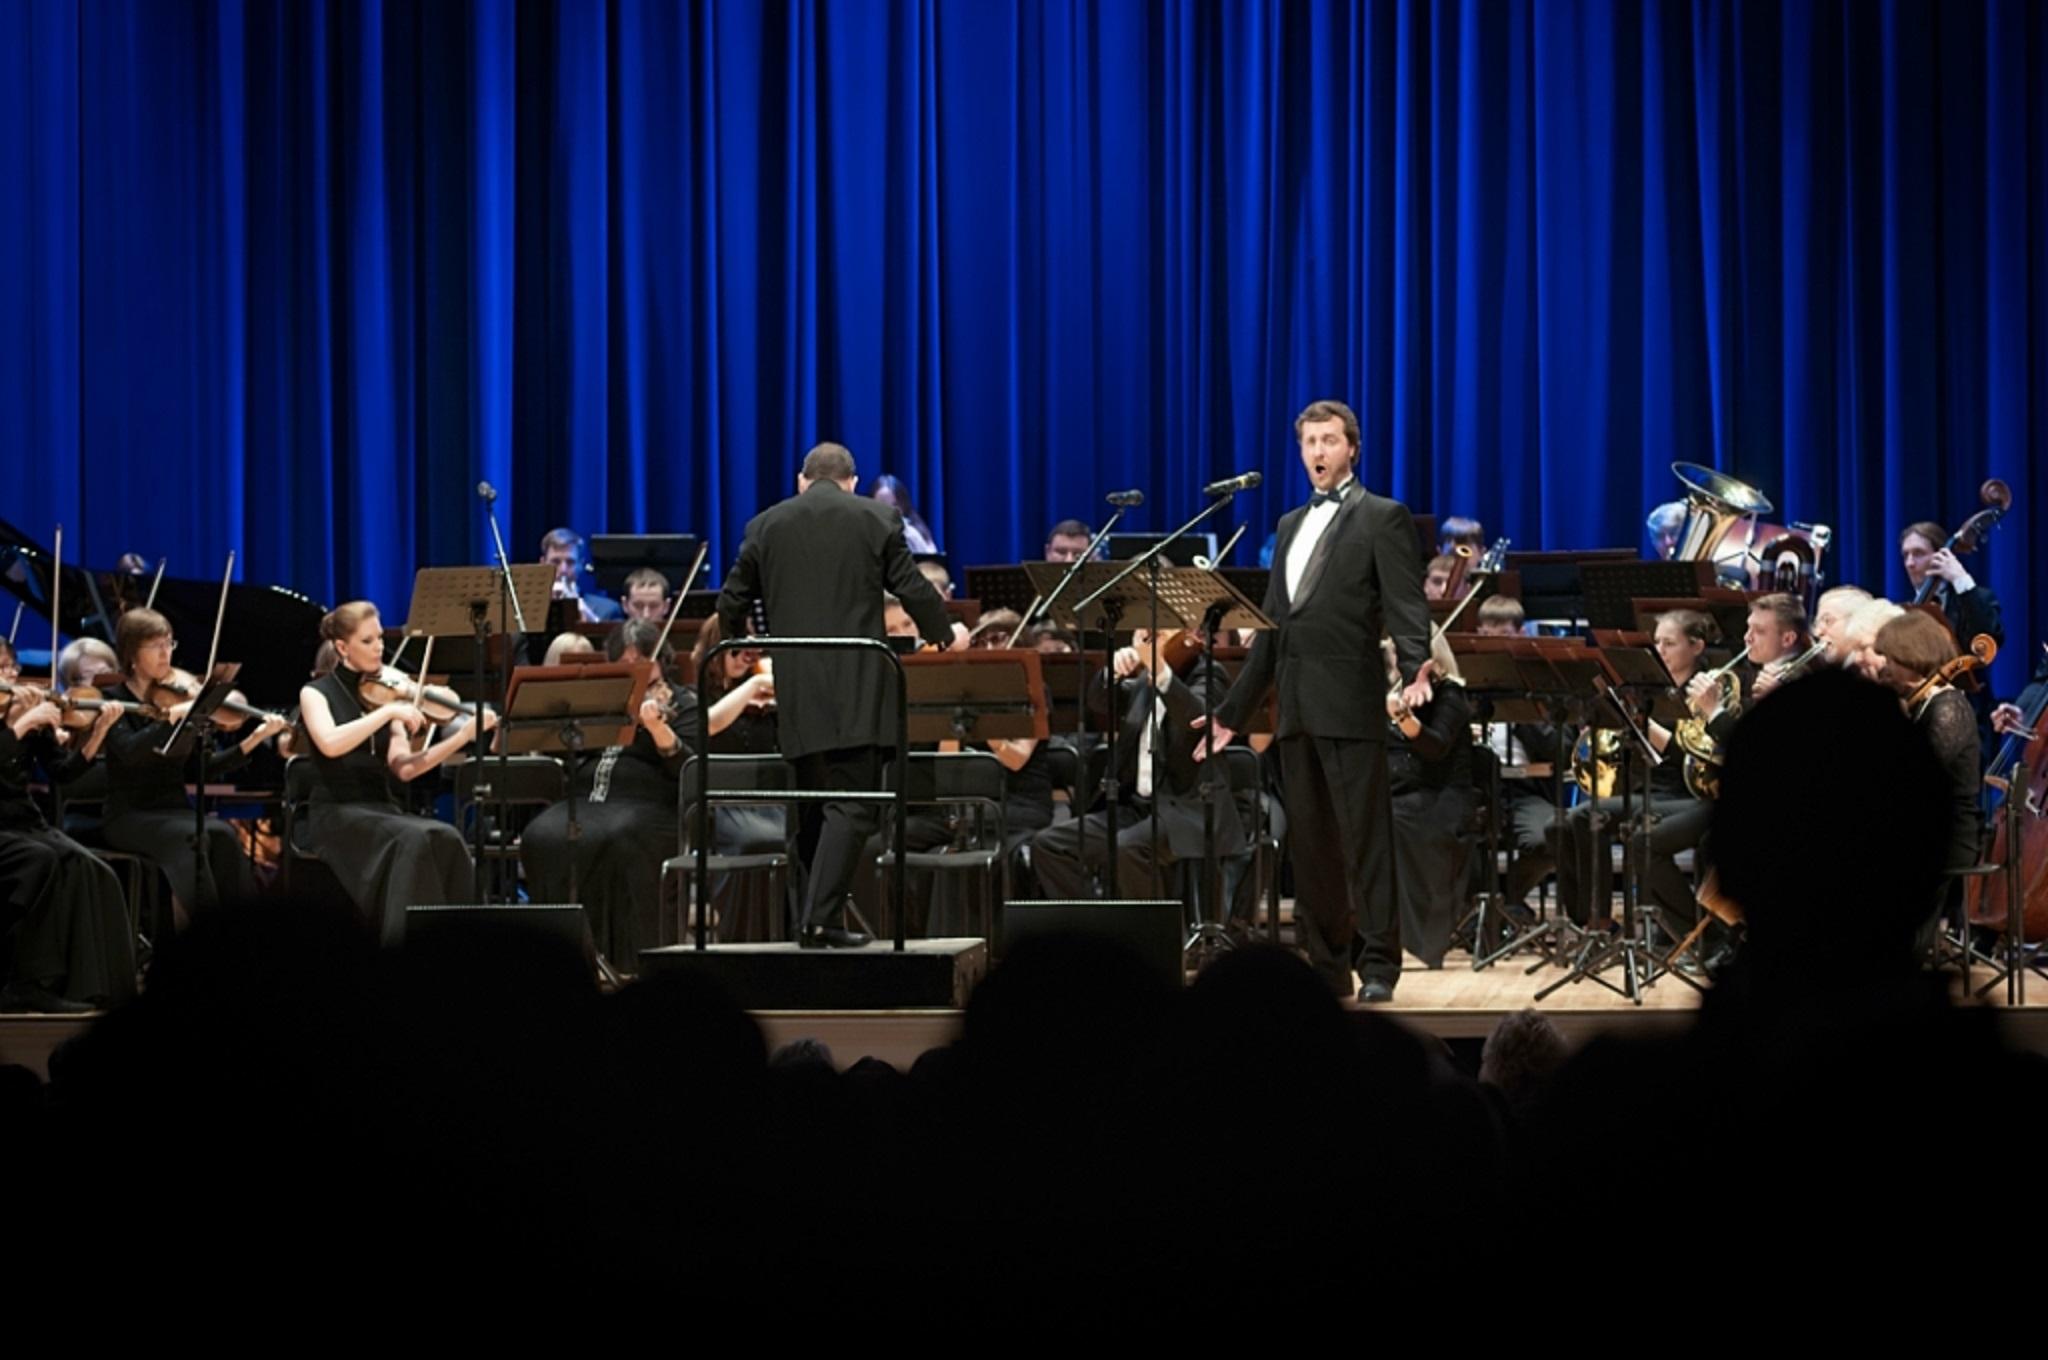 Бас-соло в сопровождении симфонического оркестра